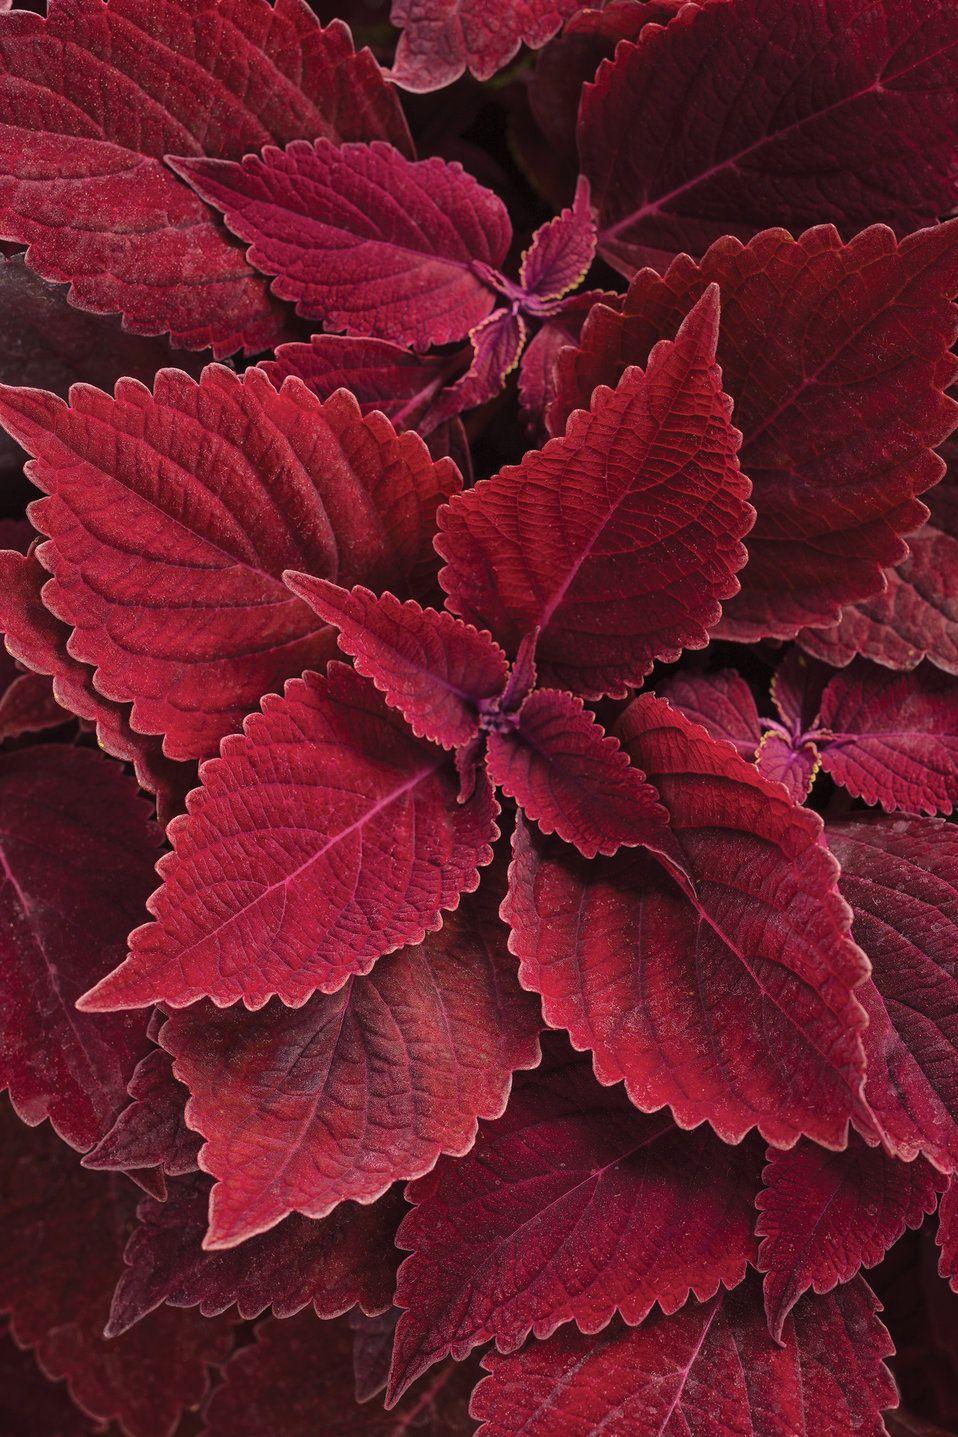 Colorblaze rediculous coleus solenostemon scutellarioides